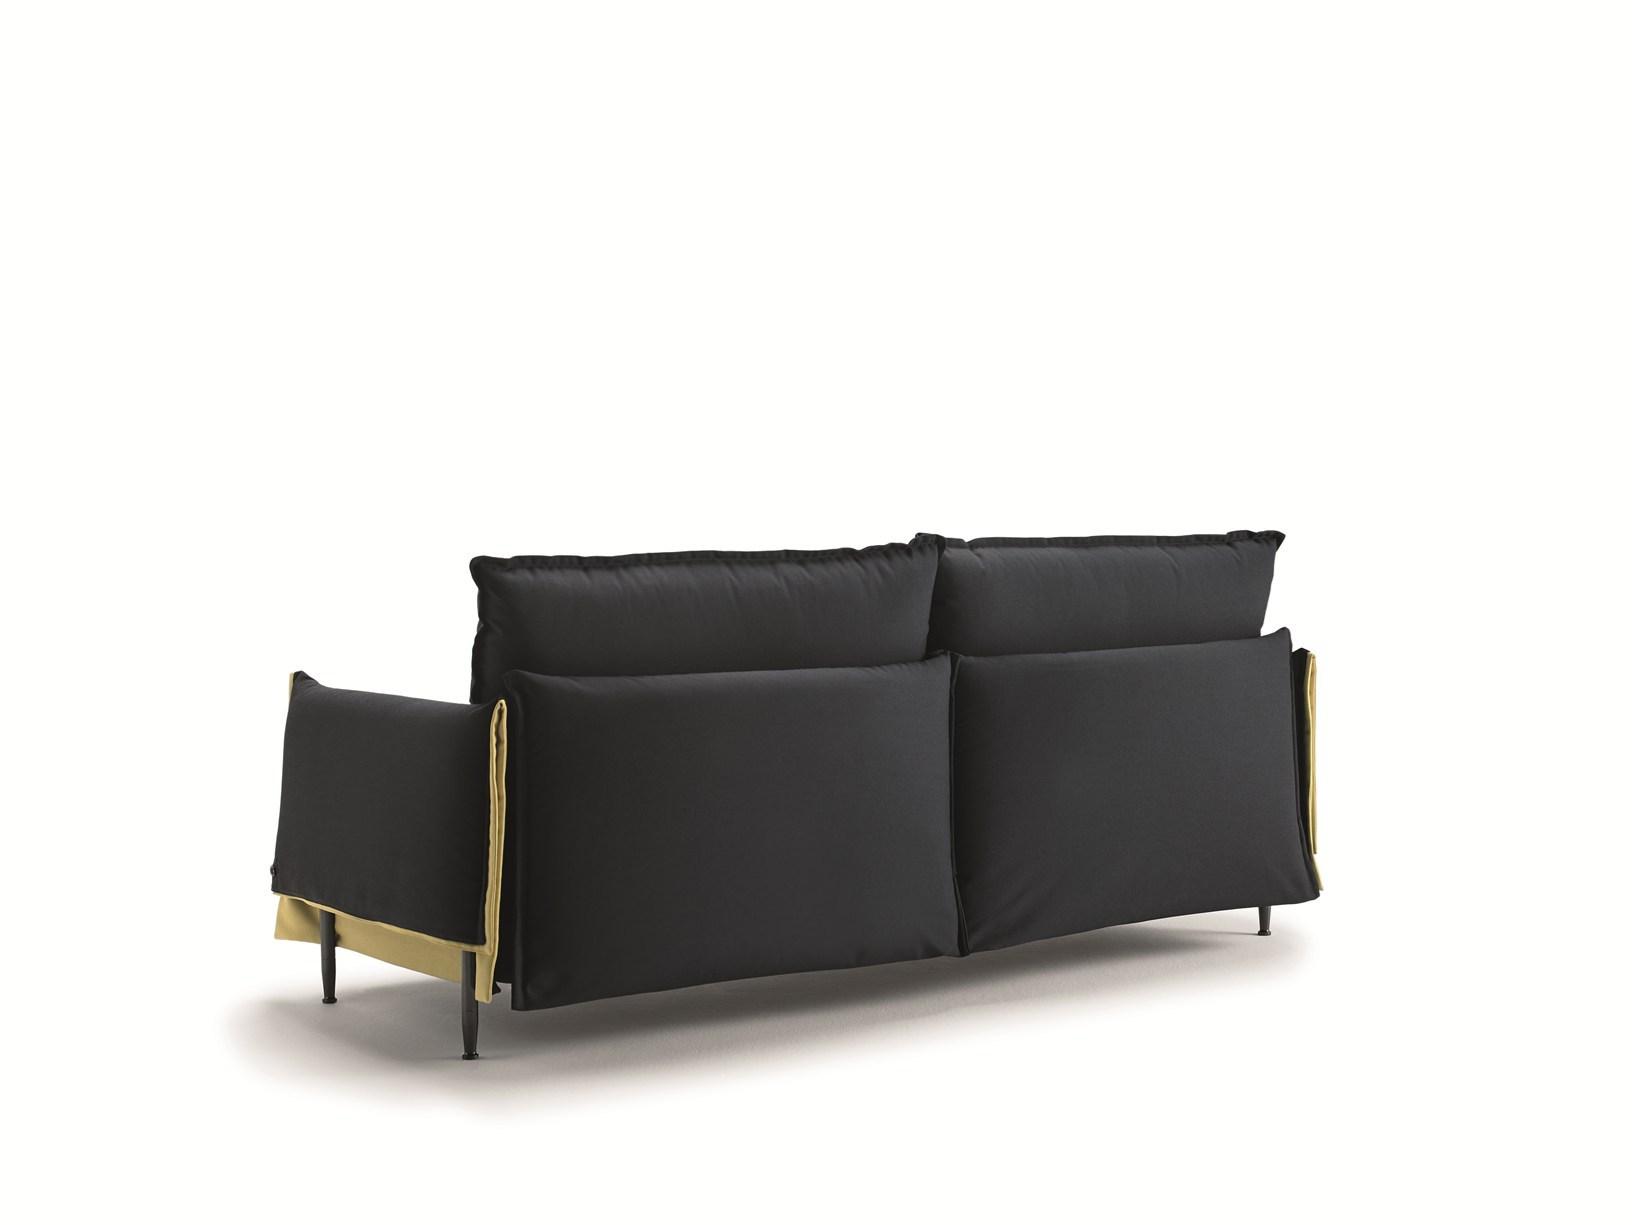 Hardy Sofa by José Manuel Ferrero for Blasco&Vila